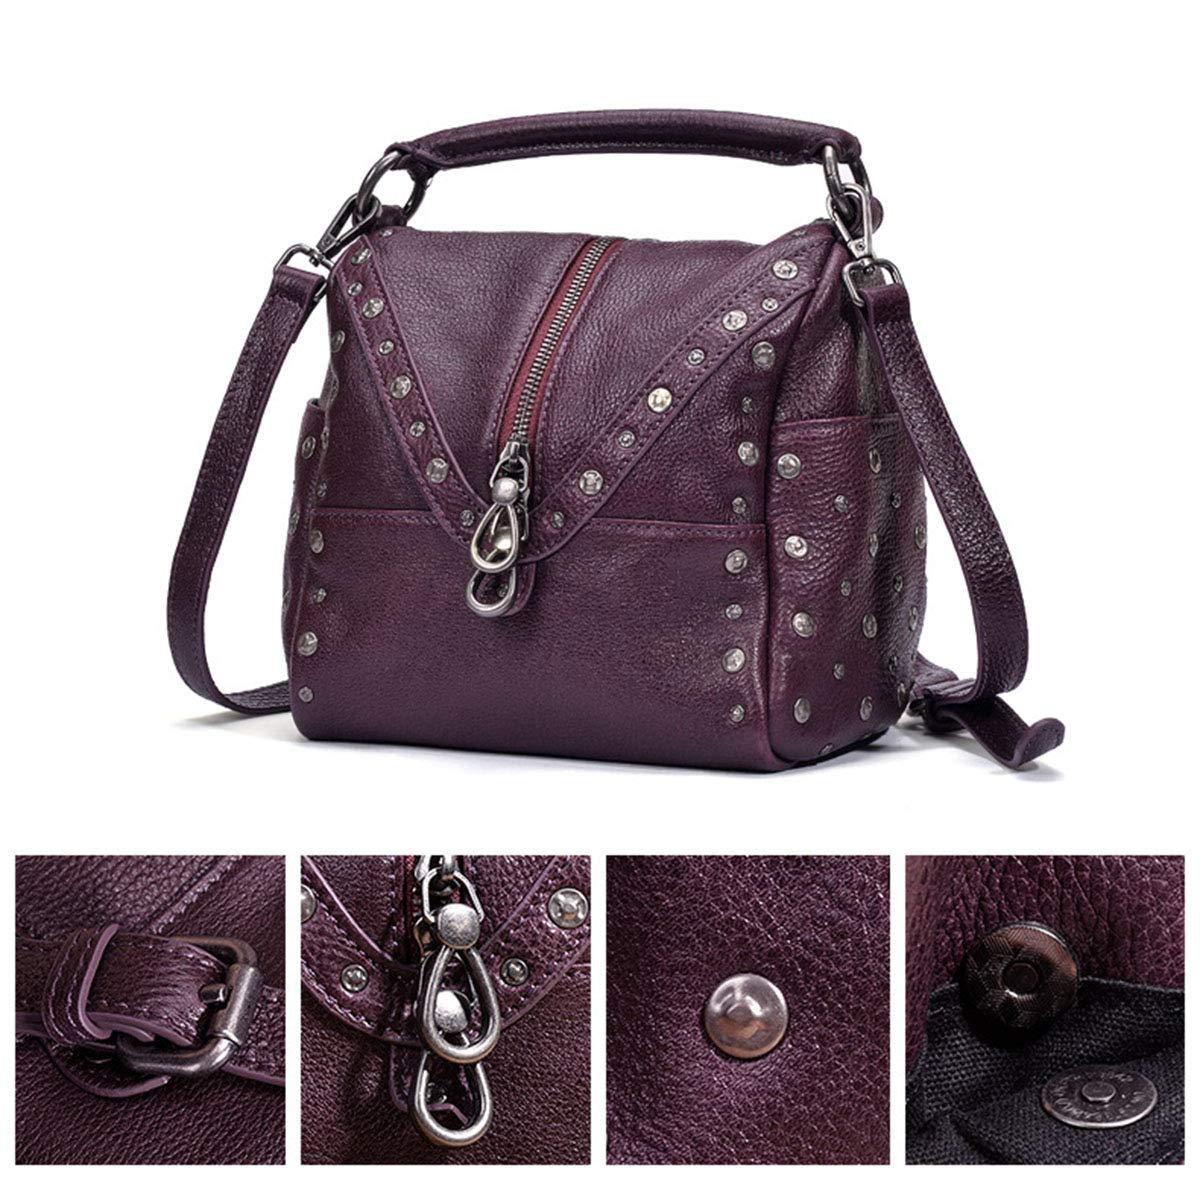 女性の新しいハンドバッグ、パーソナライズされたリベットヴィンテージショルダーバッグ大容量メッセンジャーバッグ,purple,20*13*19cm B07RTGFNJC purple 20*13*19cm